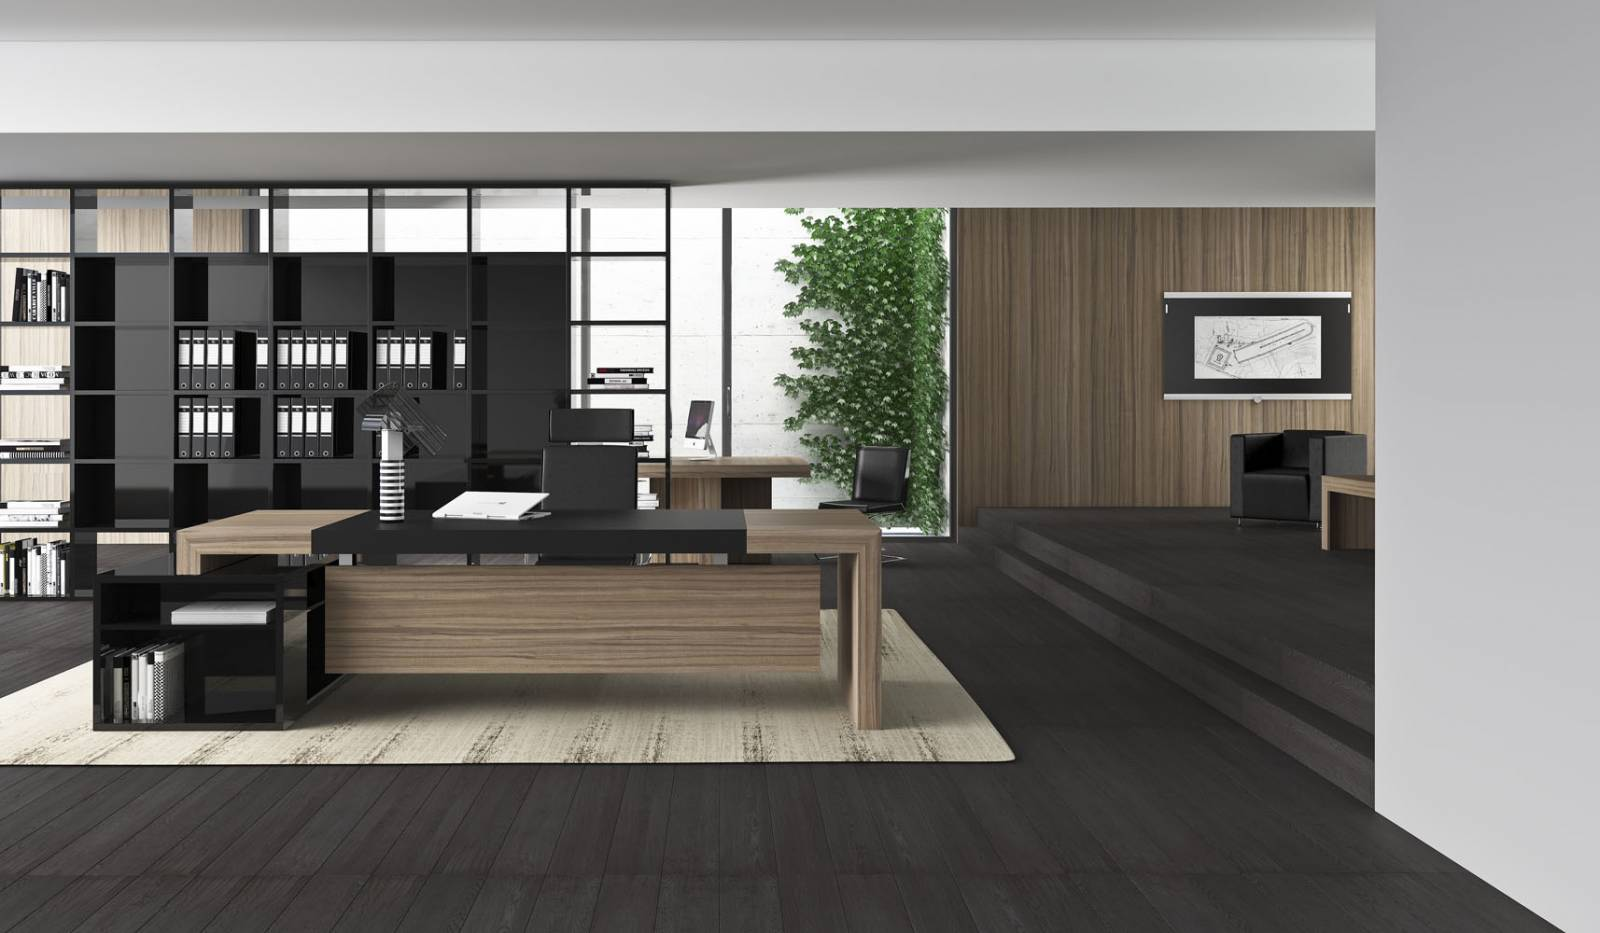 Bureau de direction haut de gamme sur Marseille avec desserte de rangement fixe.Bureau coloris bois avec placet en cuir noir.